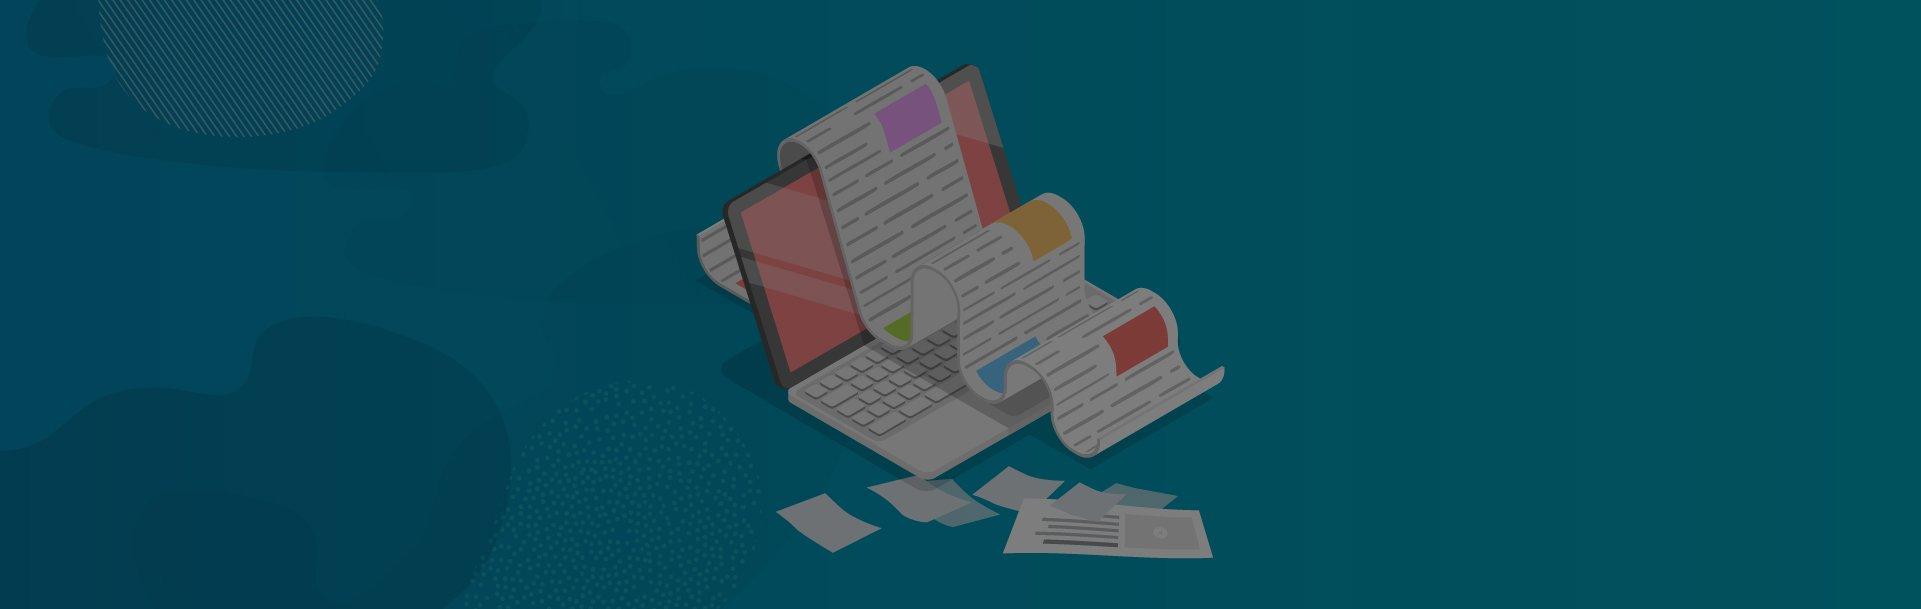 Blog-solucion-web-Lo-nuevo-en-Storytelling-conoce-el-arte-de-contar-historias-en-redes-sociales-01-02